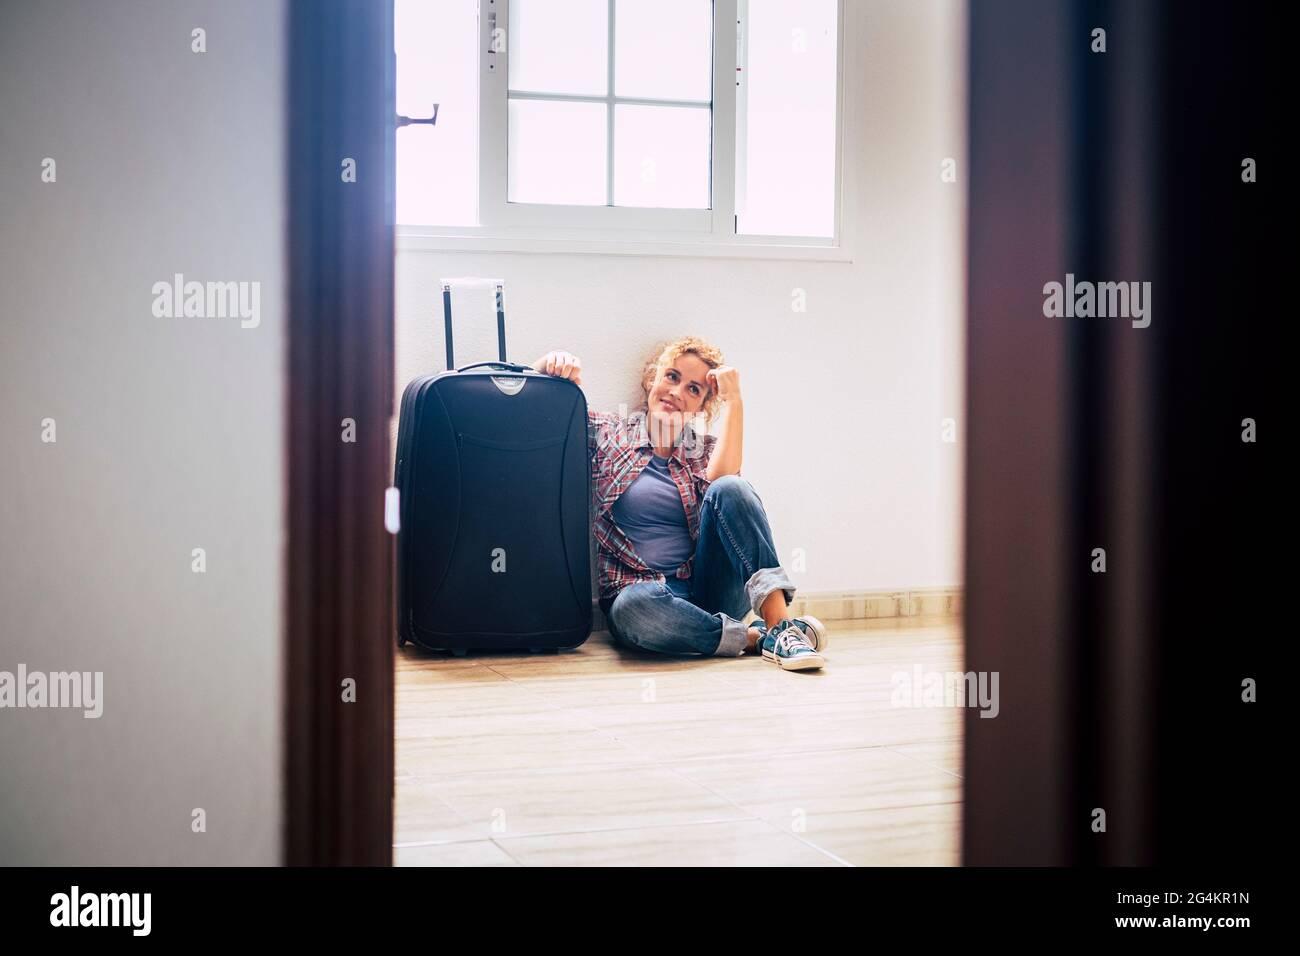 Une femme s'assoit seule à l'intérieur de la maison vide avec des bagages - nouvelle maison hypothécaire acheteurs personnes concept - immobilier femme dame relaxant intérieur Banque D'Images